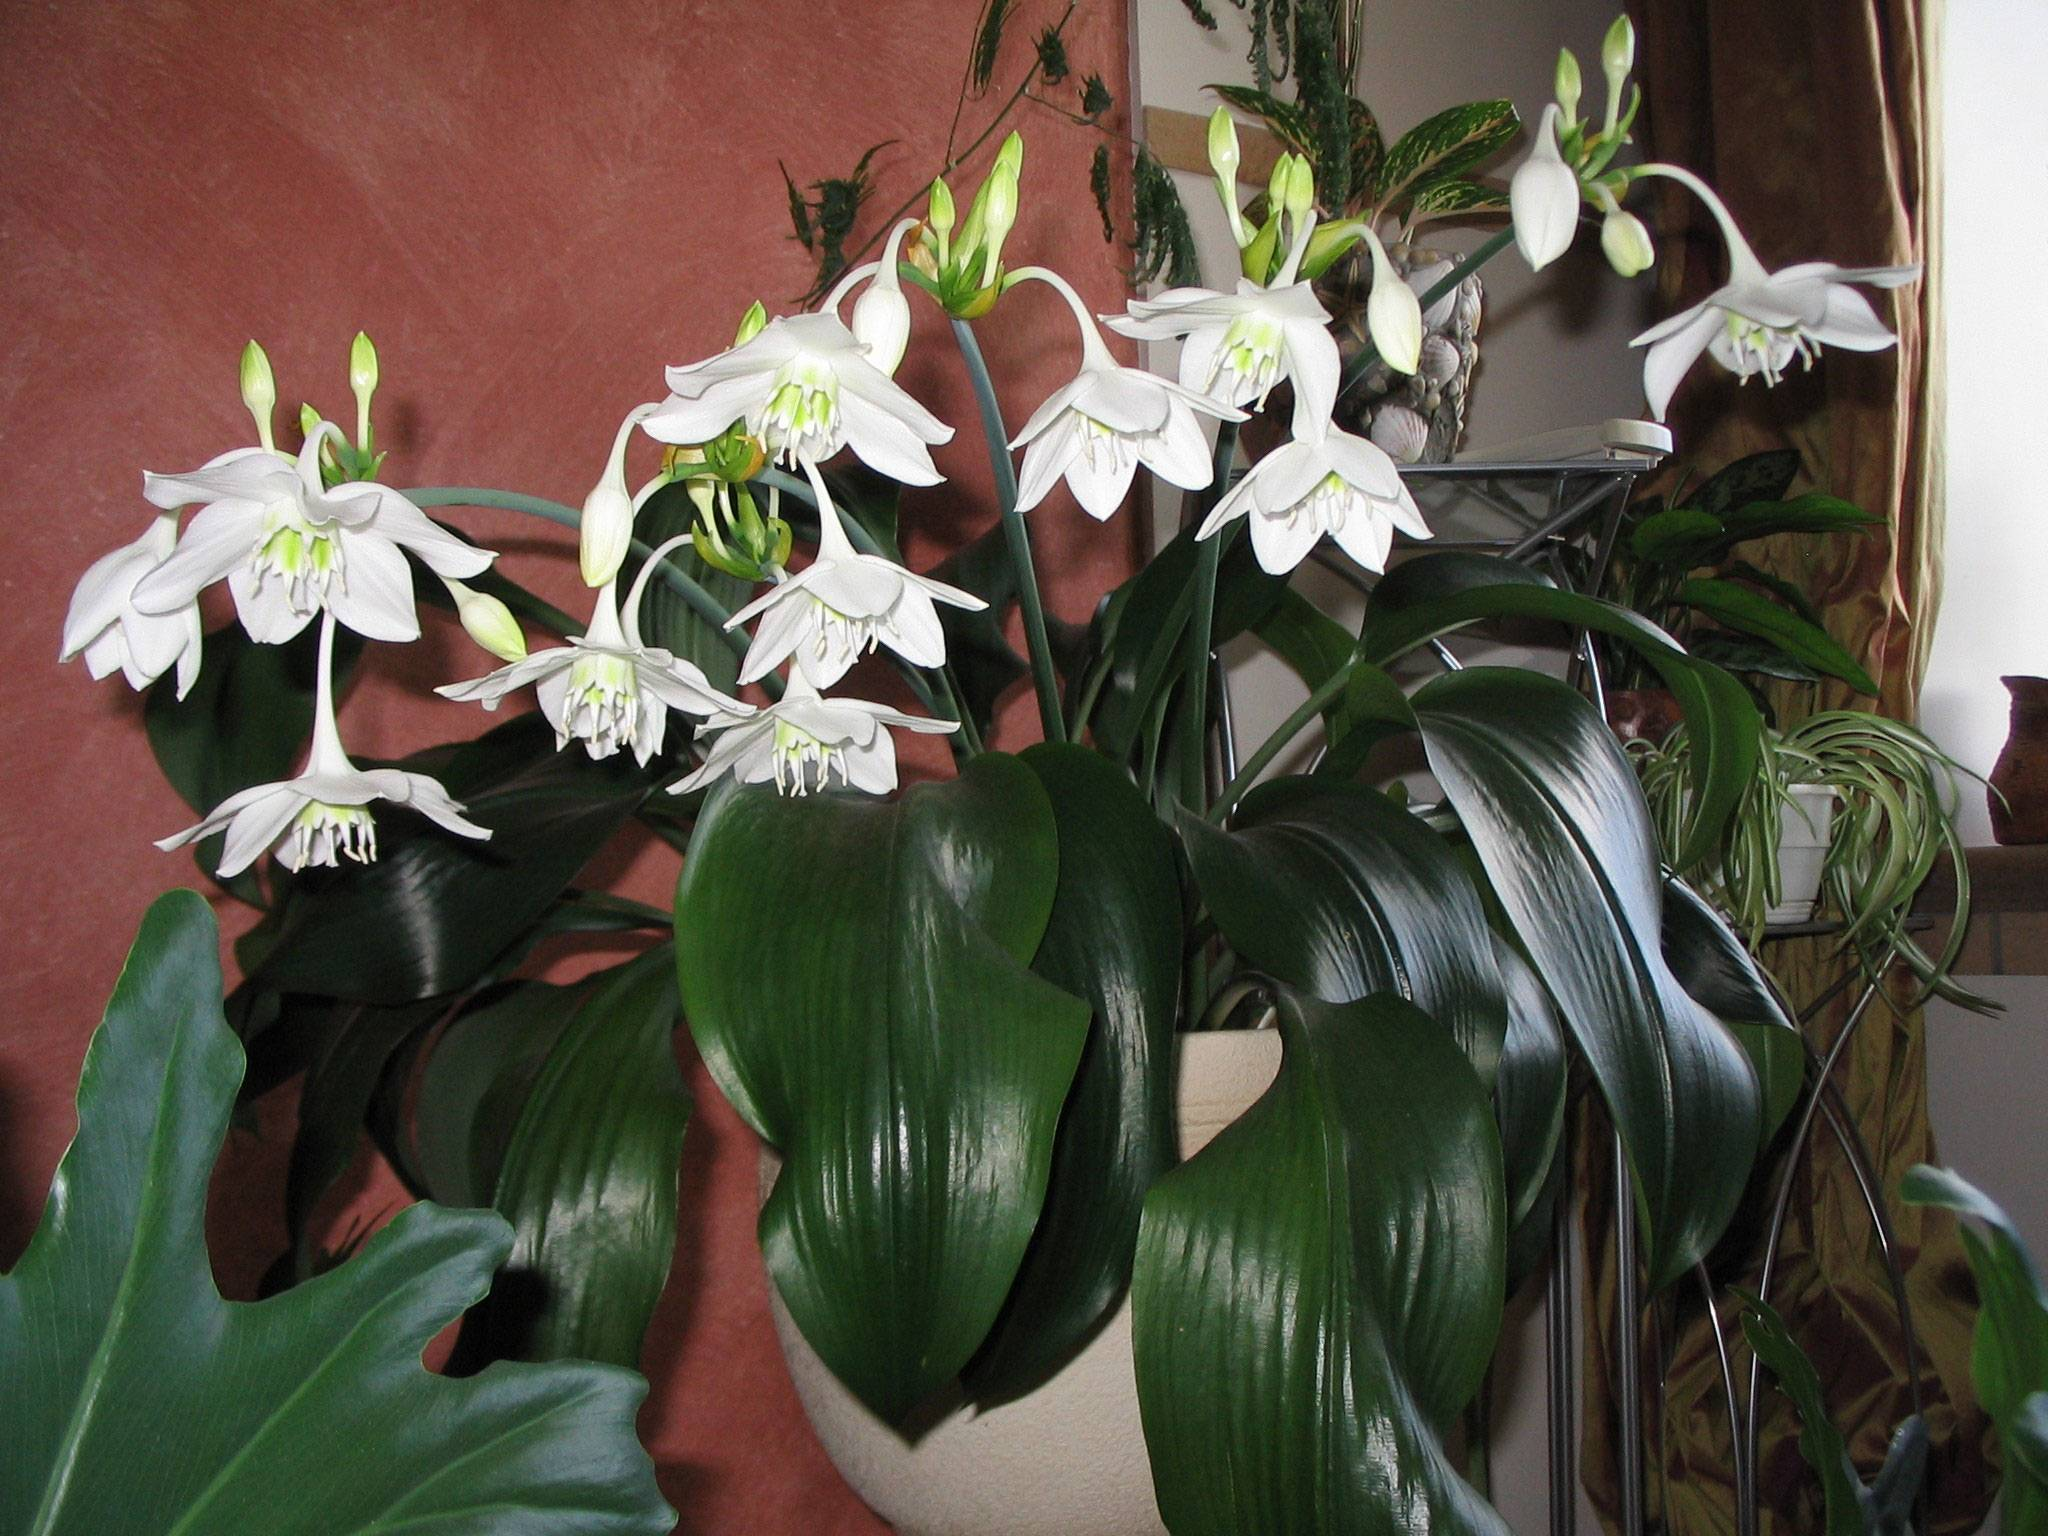 Уход за эухарисом в домашних условиях: почему не цветет амазонская лилия